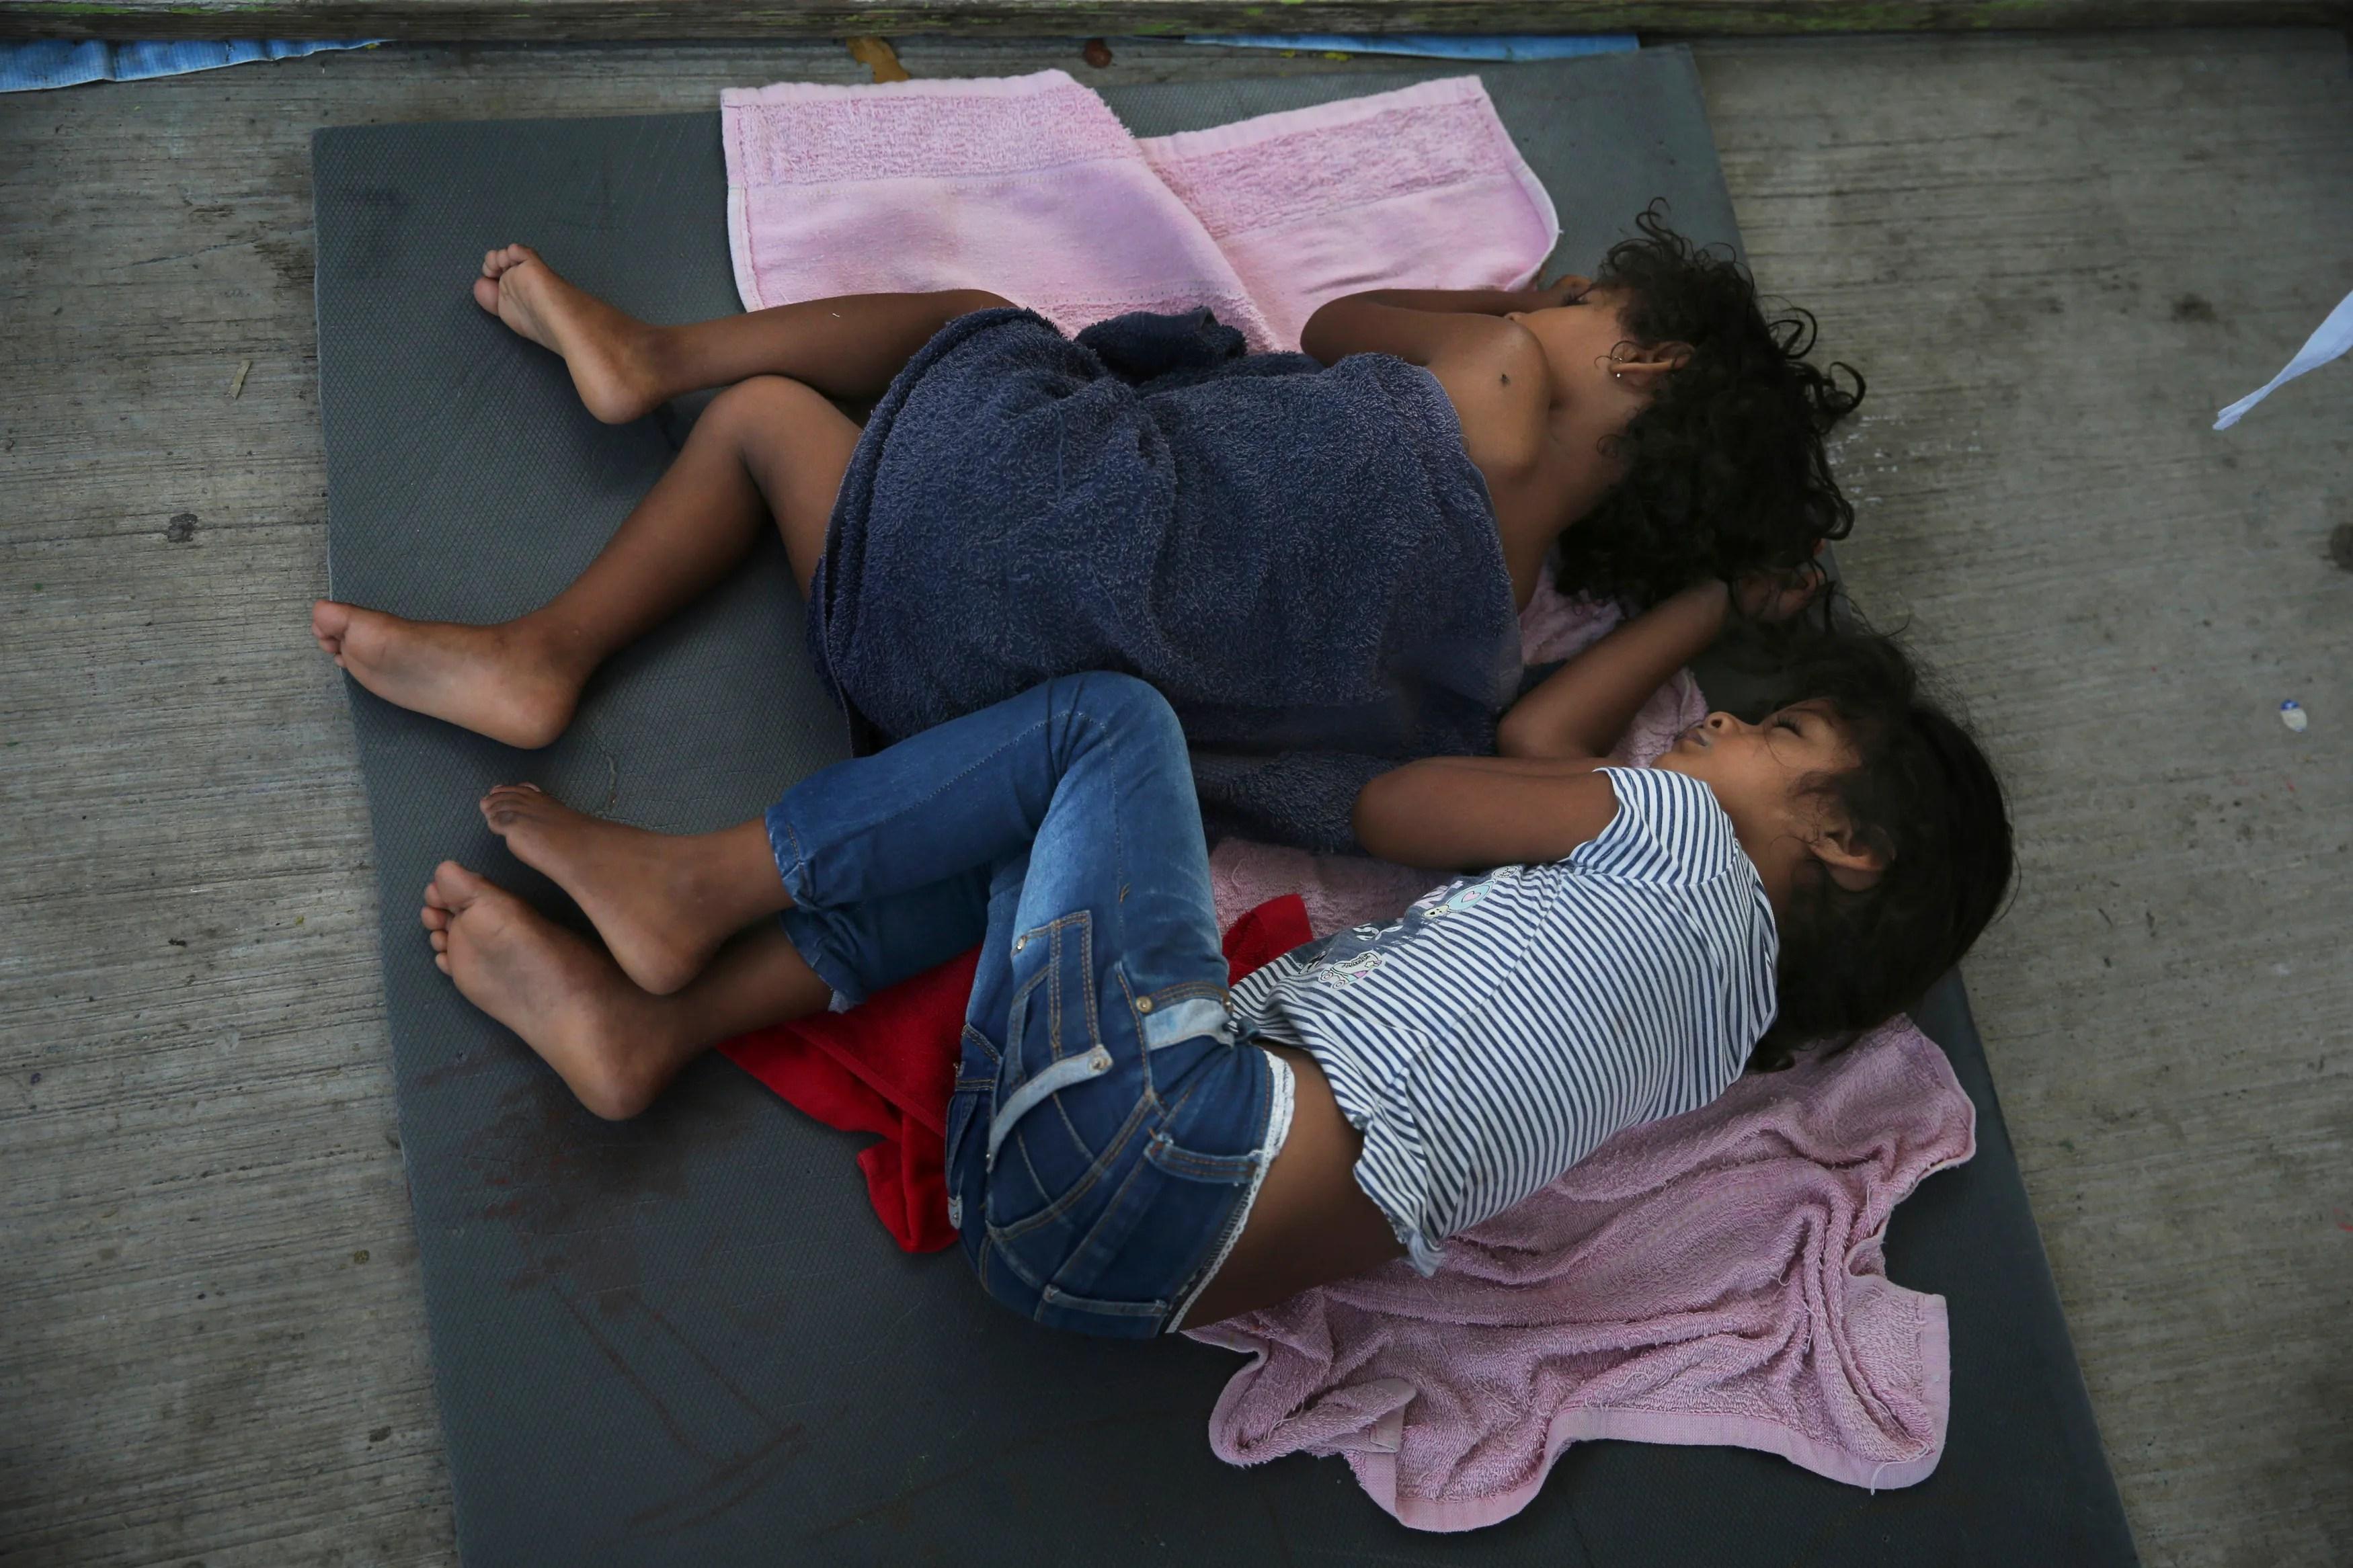 Two migrant children in Nuevo Laredo, Mexico.